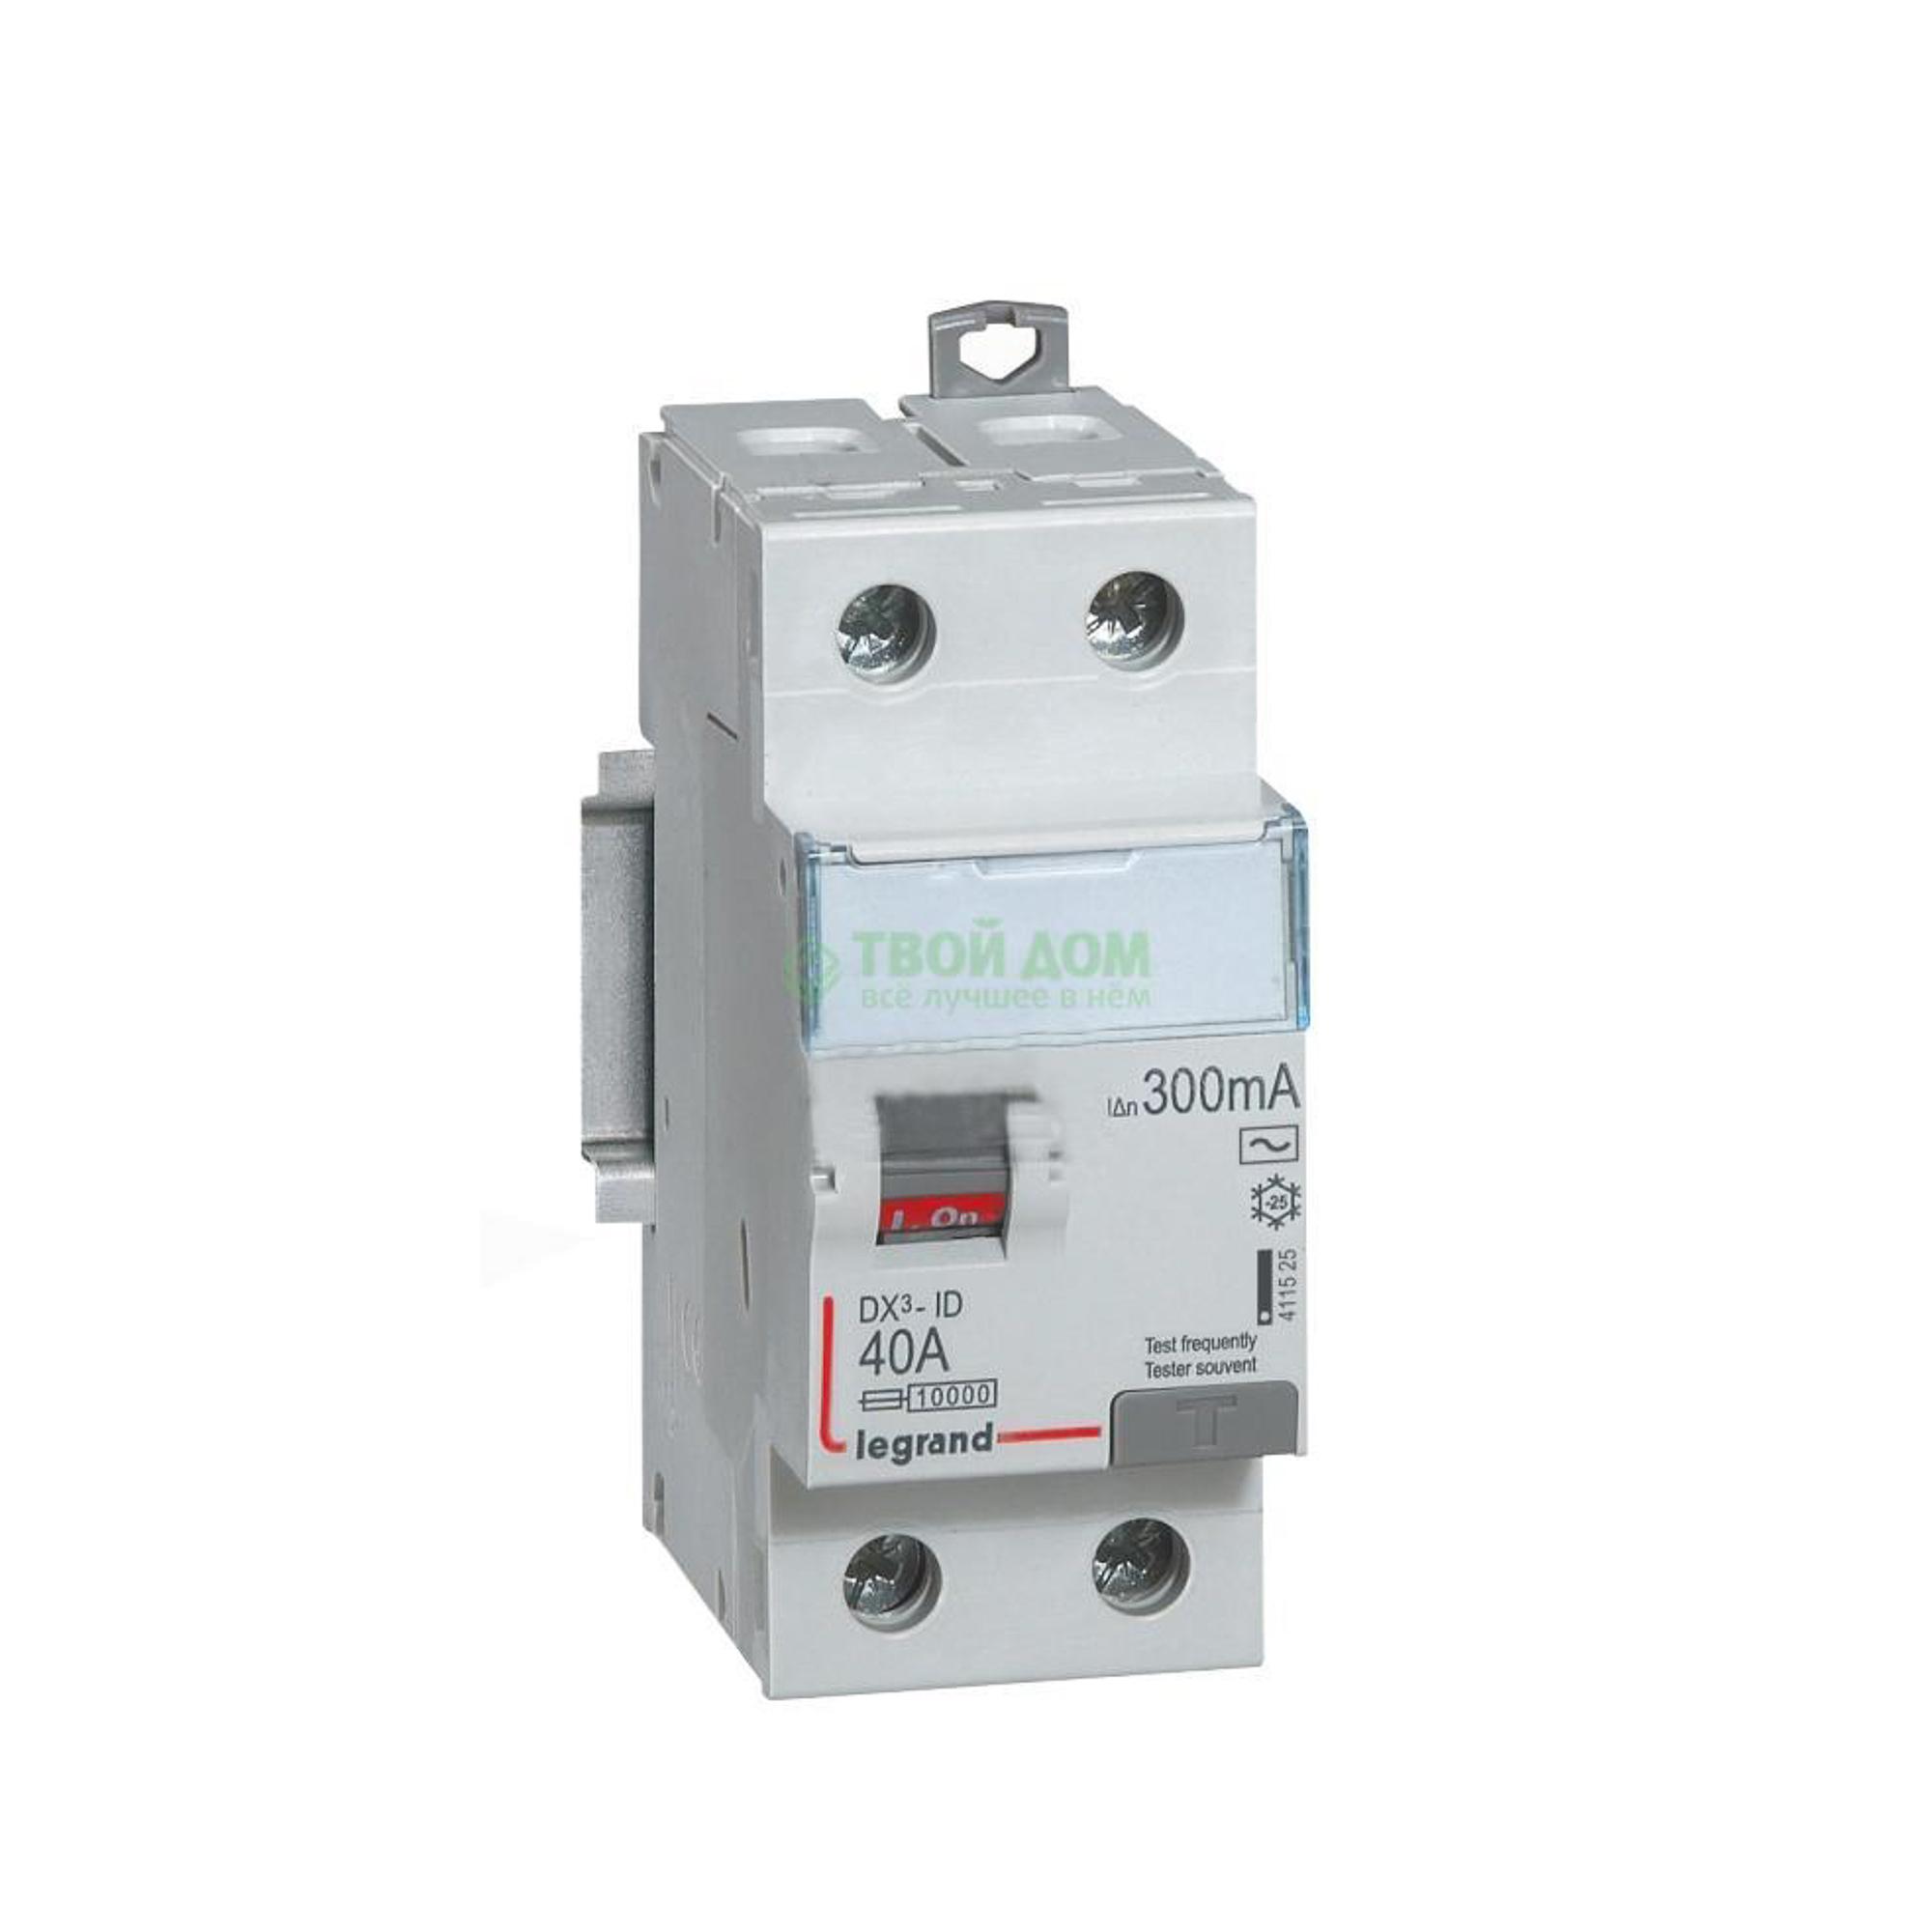 Купить Legrand Устройство защитного отключения вдт dx3 411500, автоматический выключатель, Франция